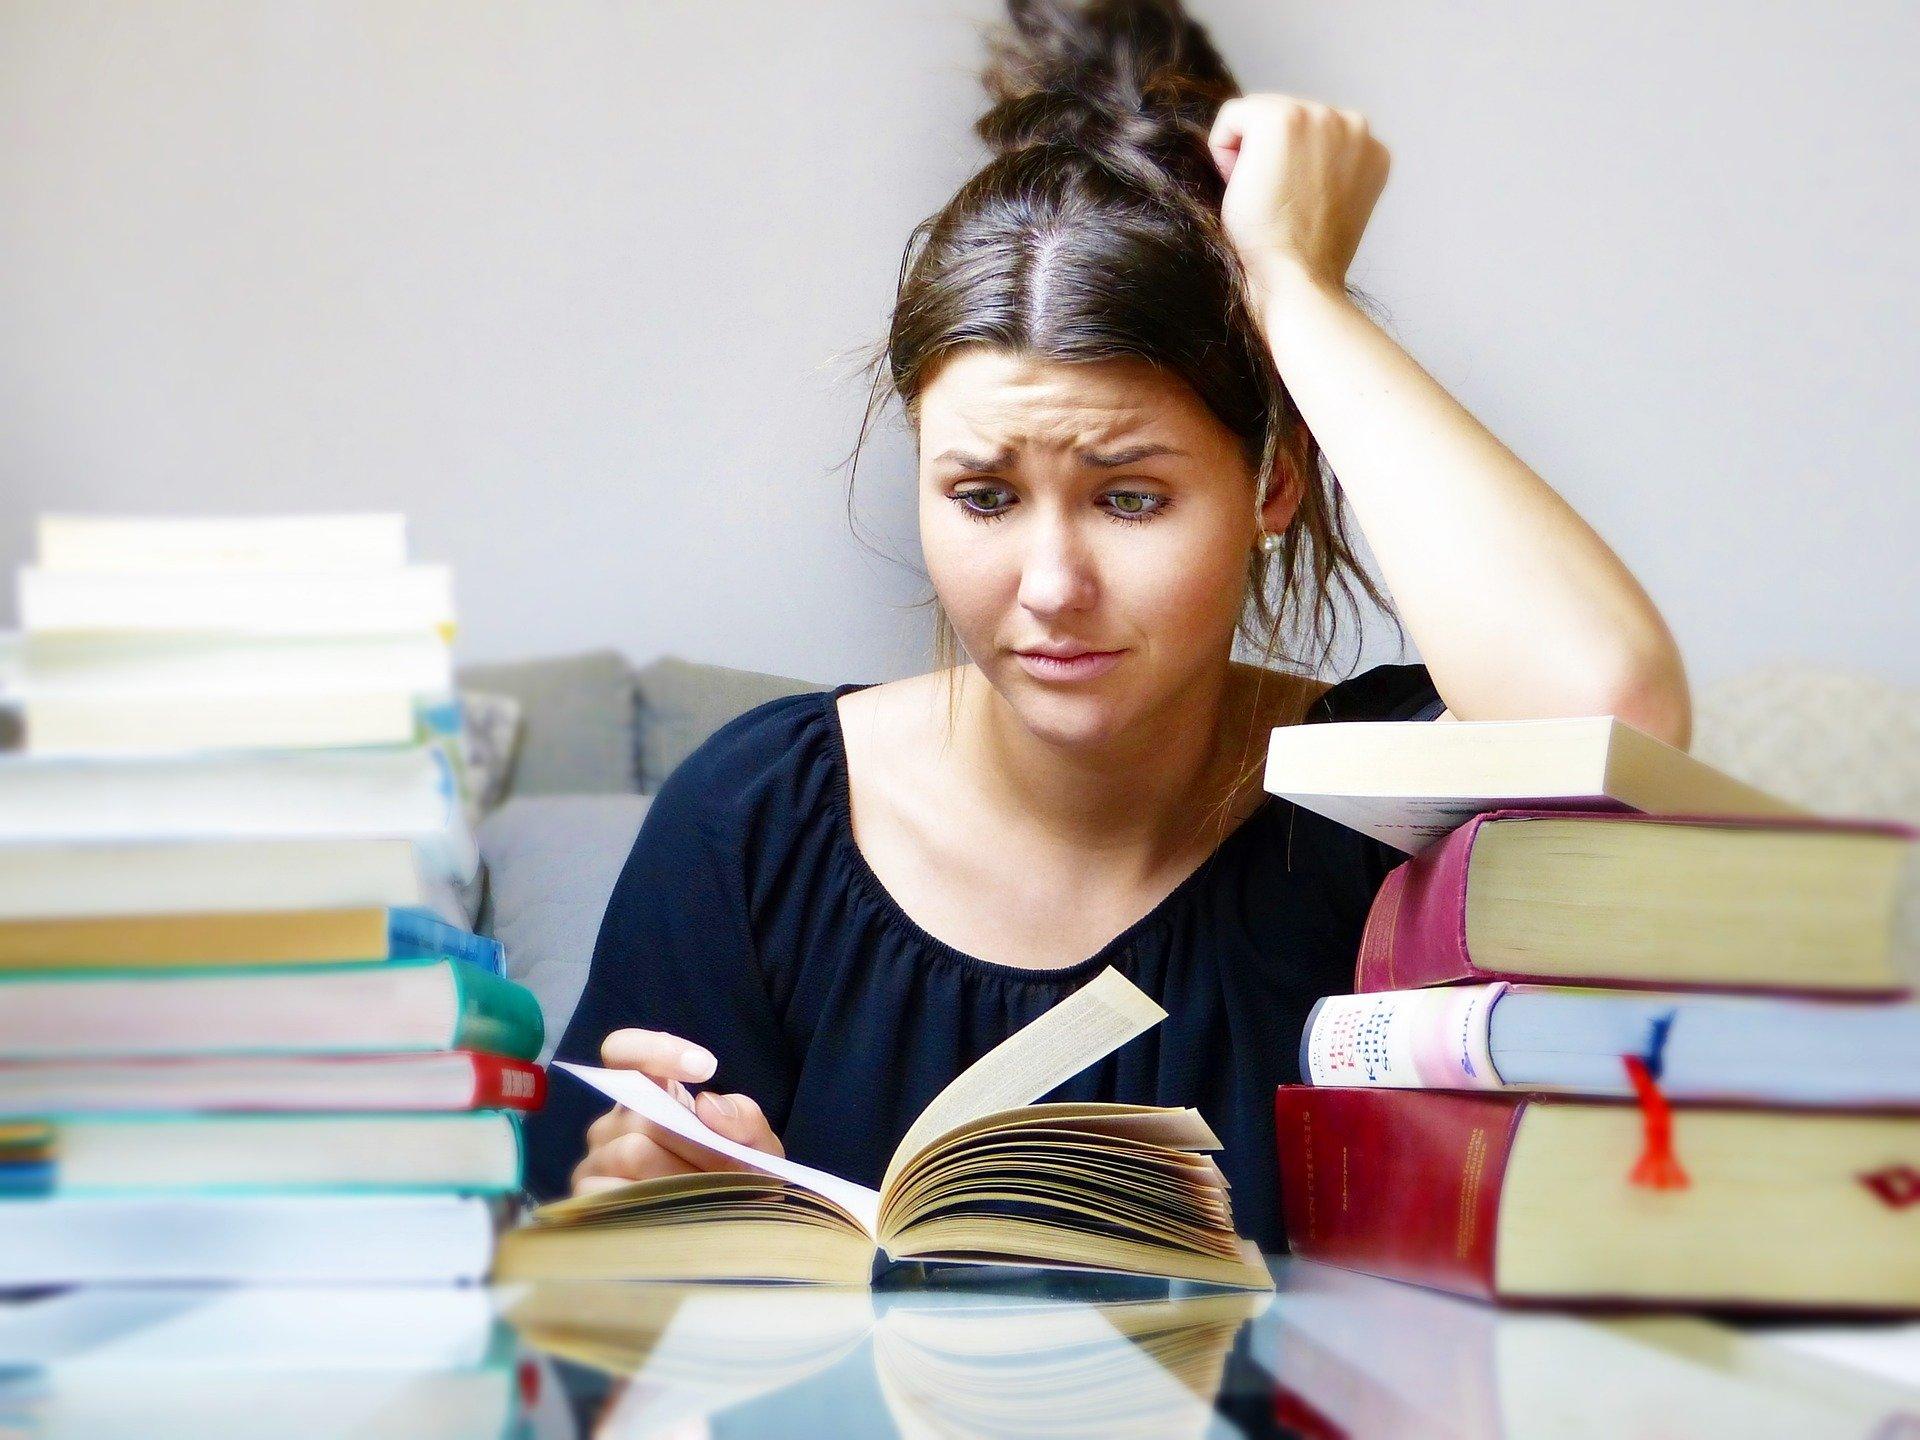 šta-je-burnout-sindrom-i-kako-ga-sprečiti